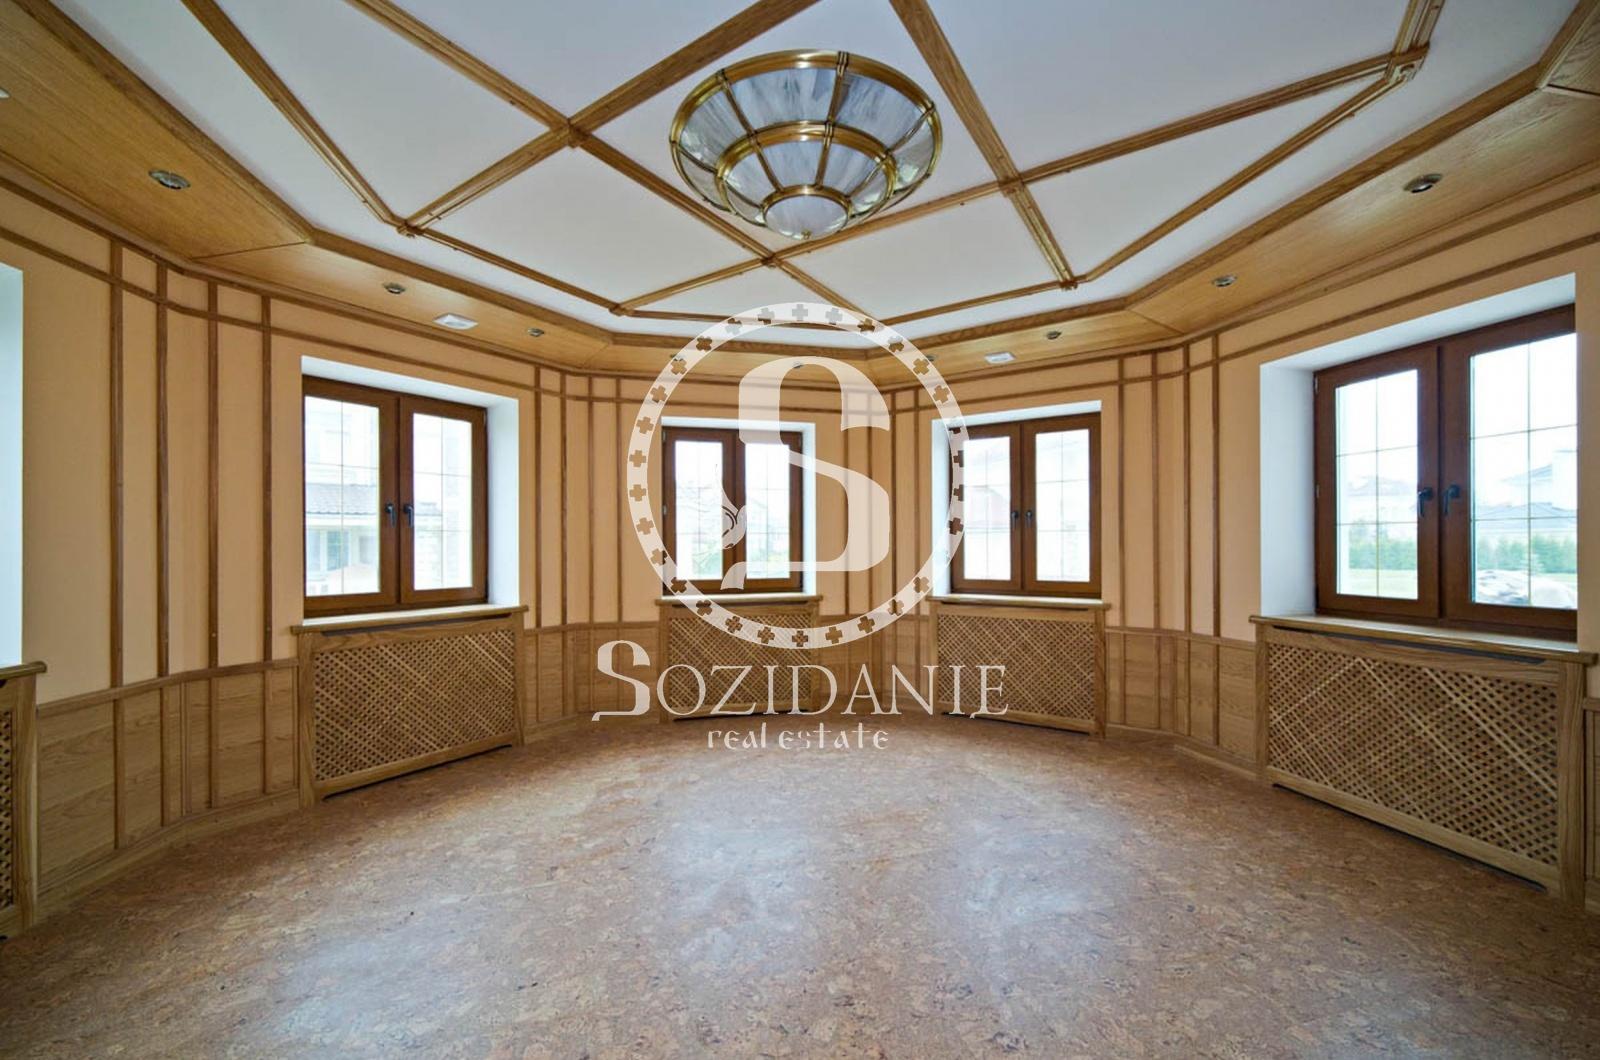 5 Bedrooms, Загородная, Продажа, Listing ID 1459, Московская область, Россия,